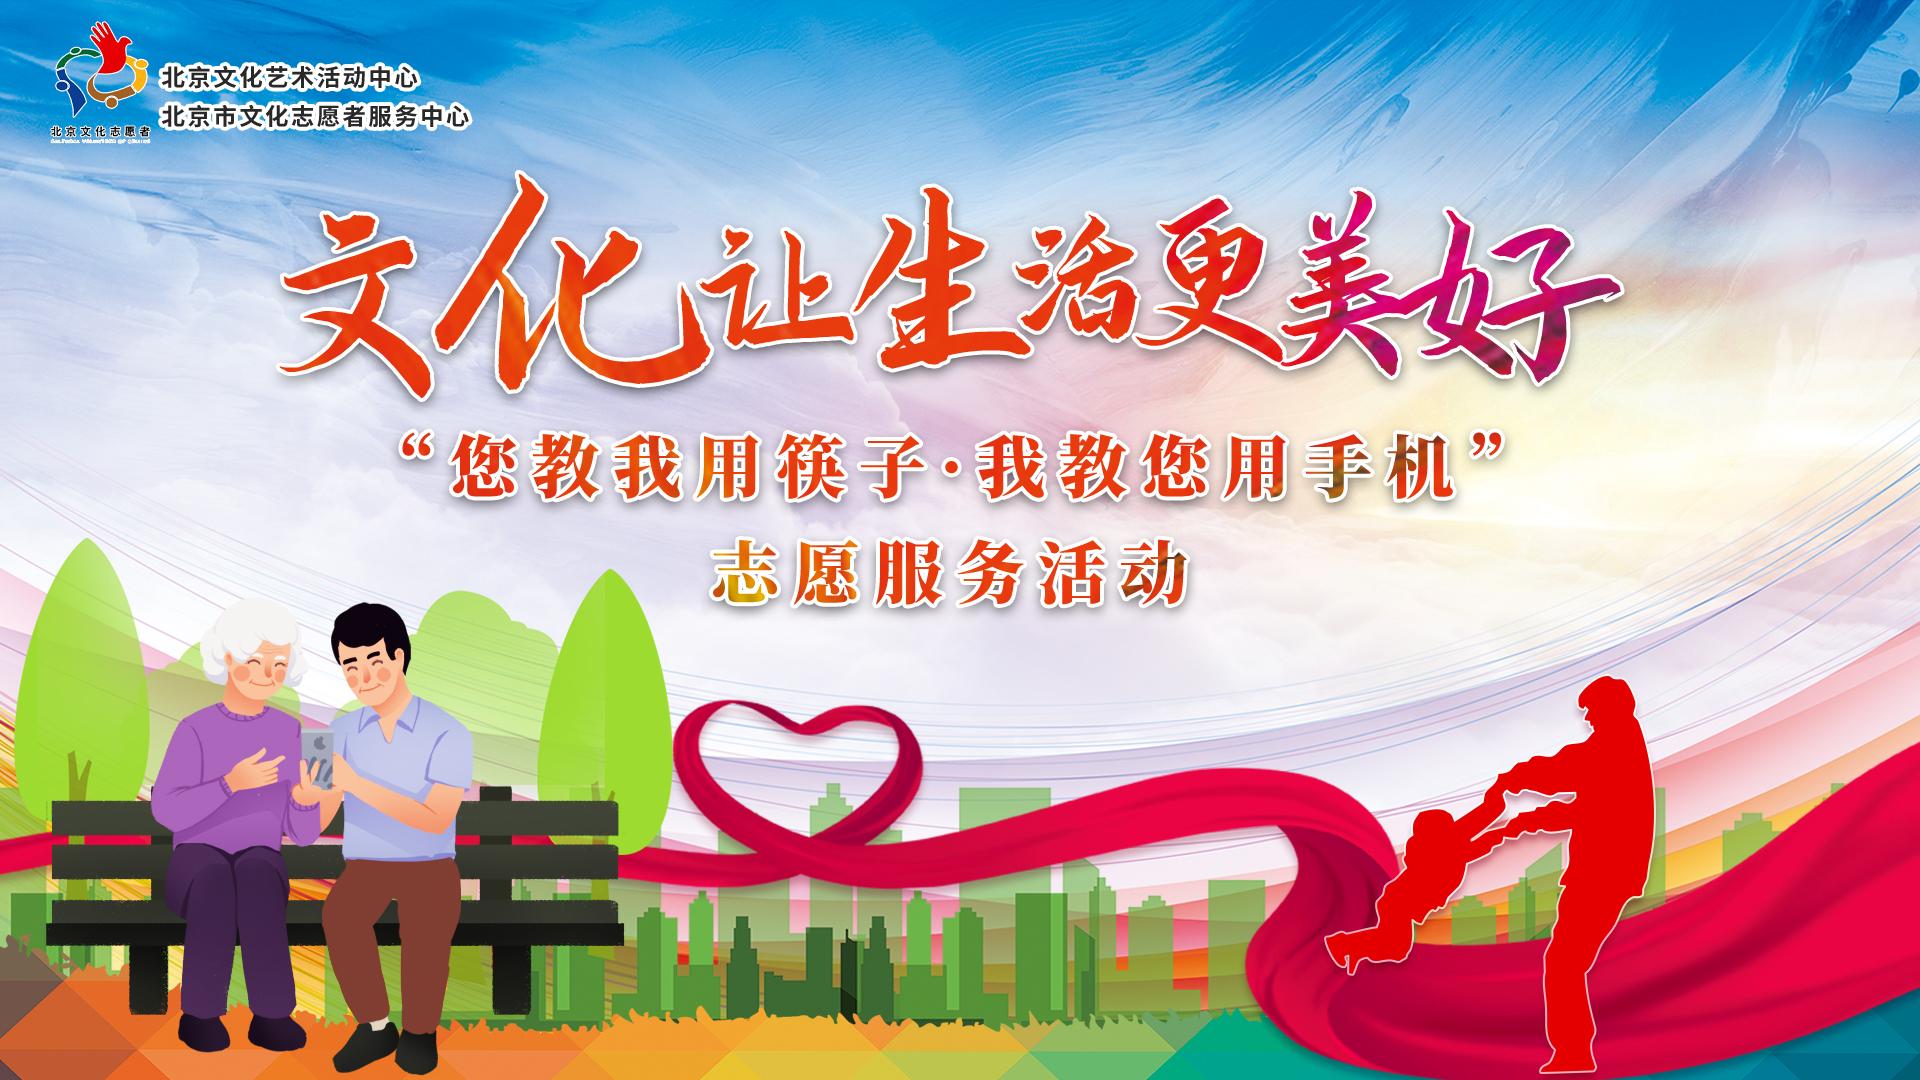 北京市智慧助老公益廣告之手機導航篇